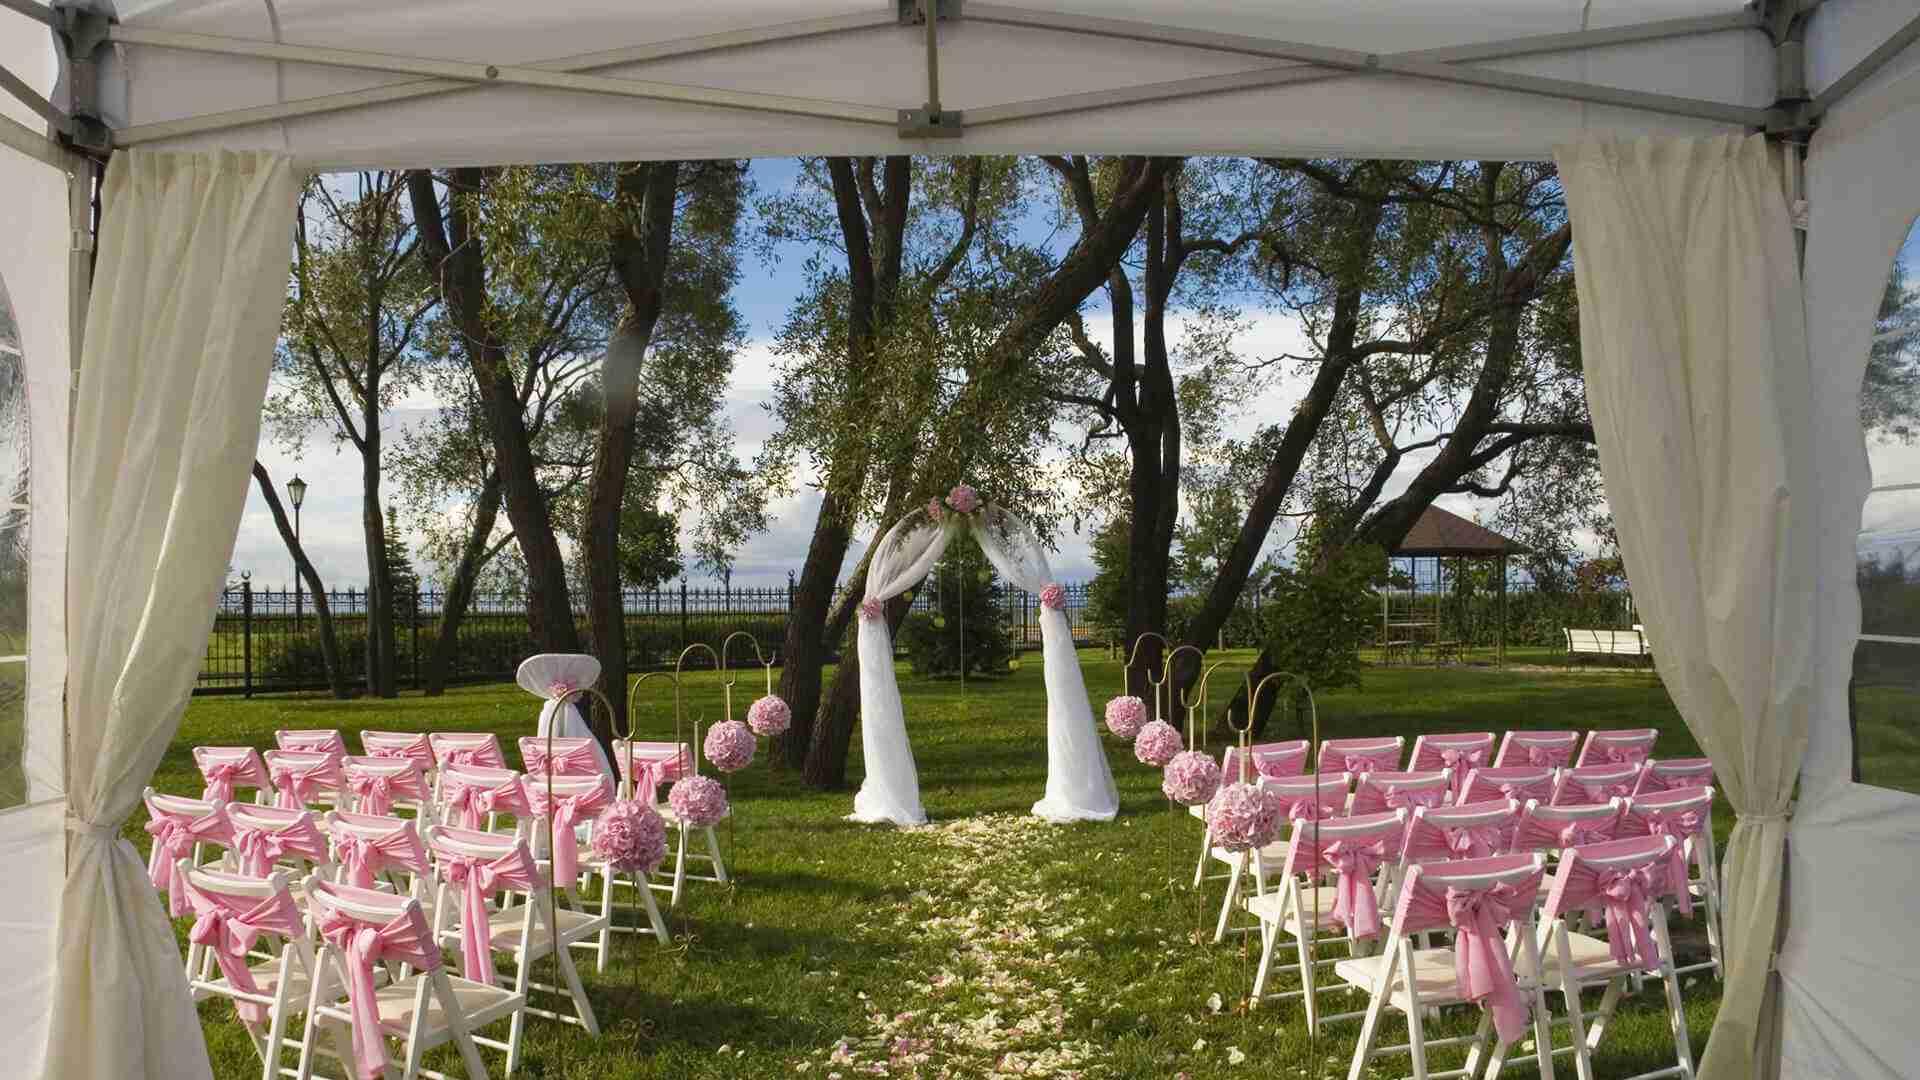 Chaises pliantes blanches avec chapiteau - Mariage